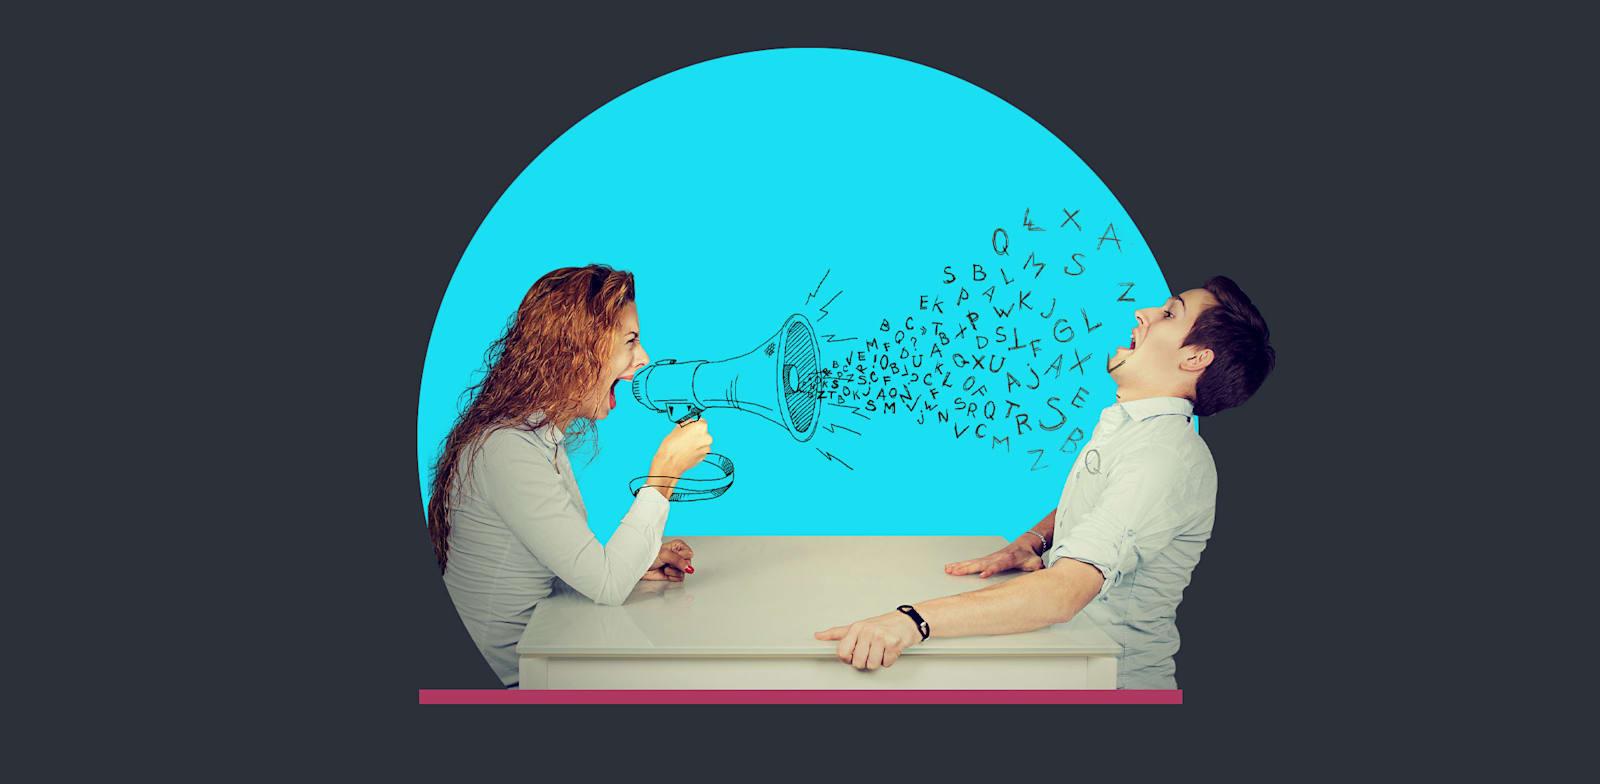 איך מנמיכים את הלהבות במקום העבודה? / צילום: Shutterstock